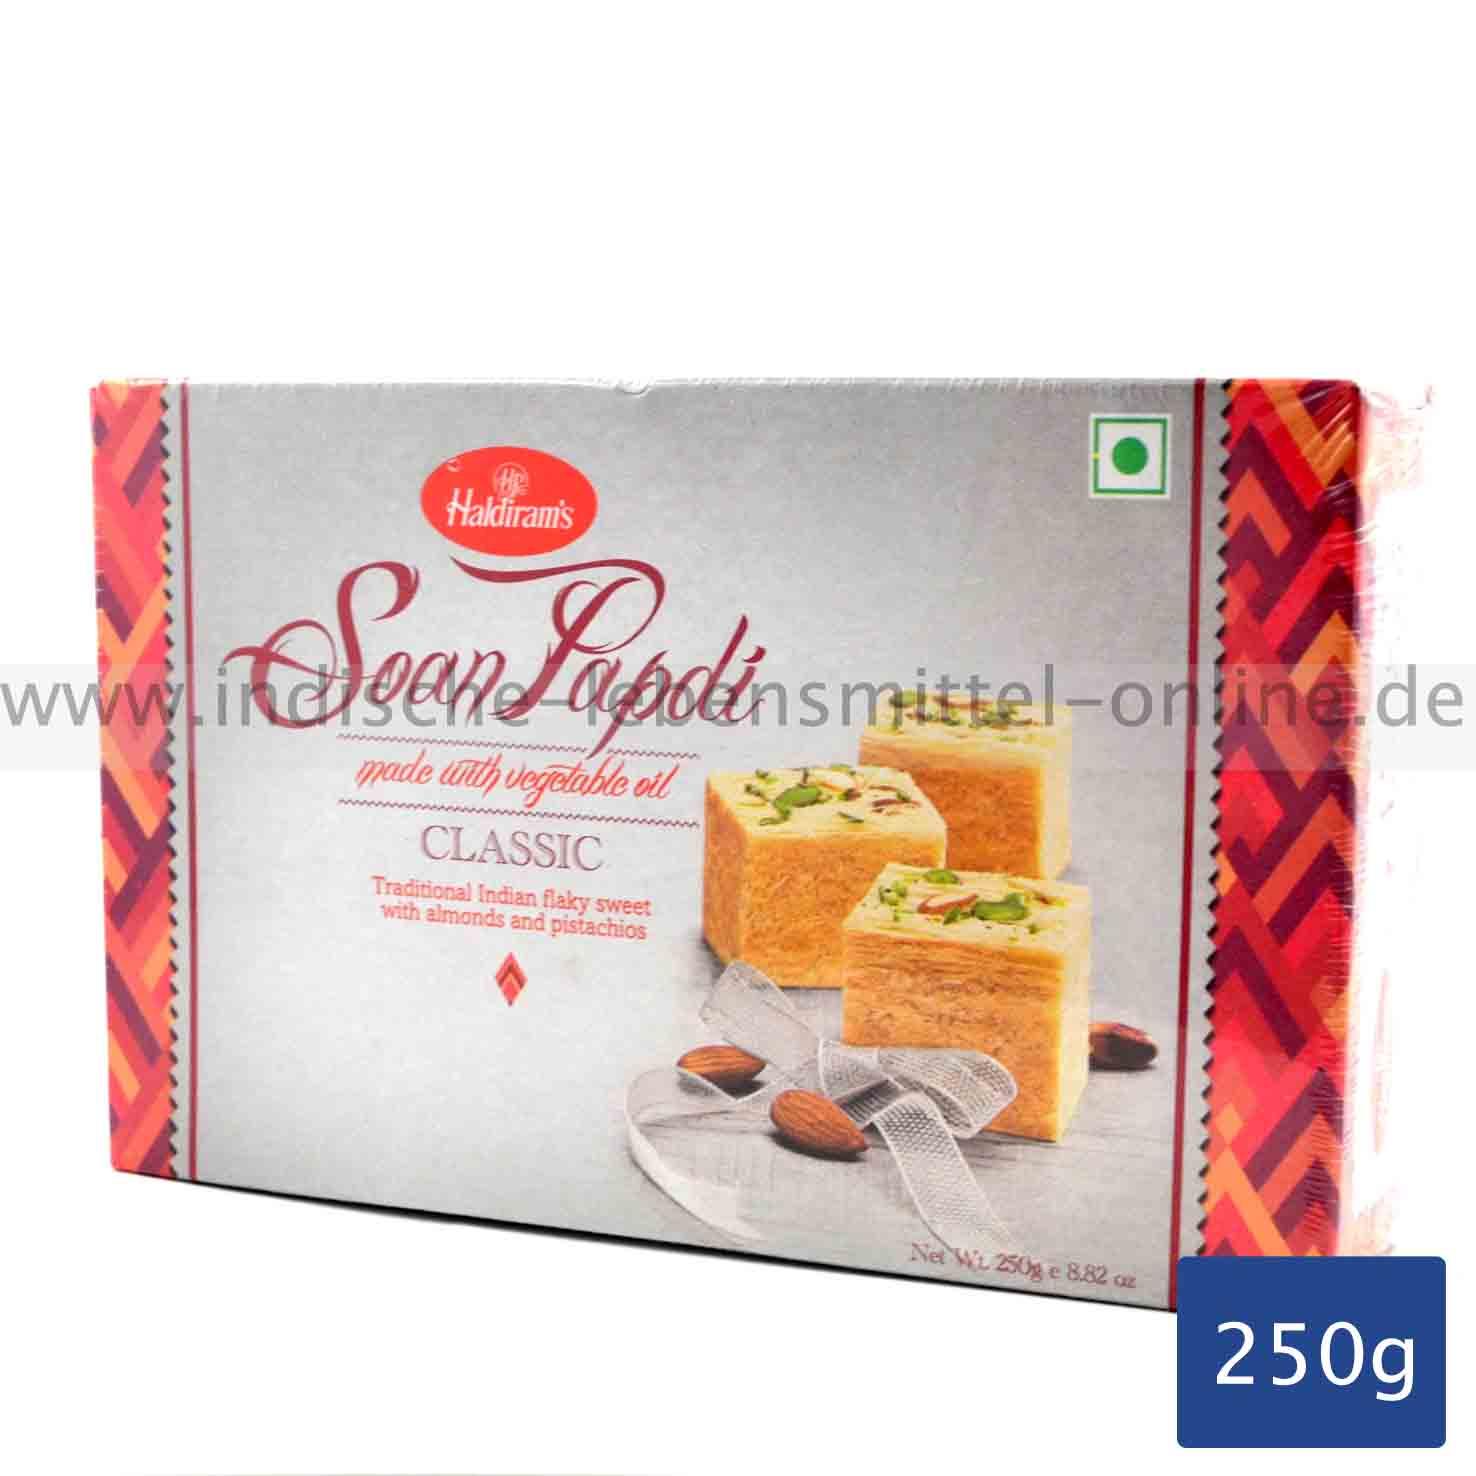 soan-papdi-indian-sweethaldirams-classic-250g